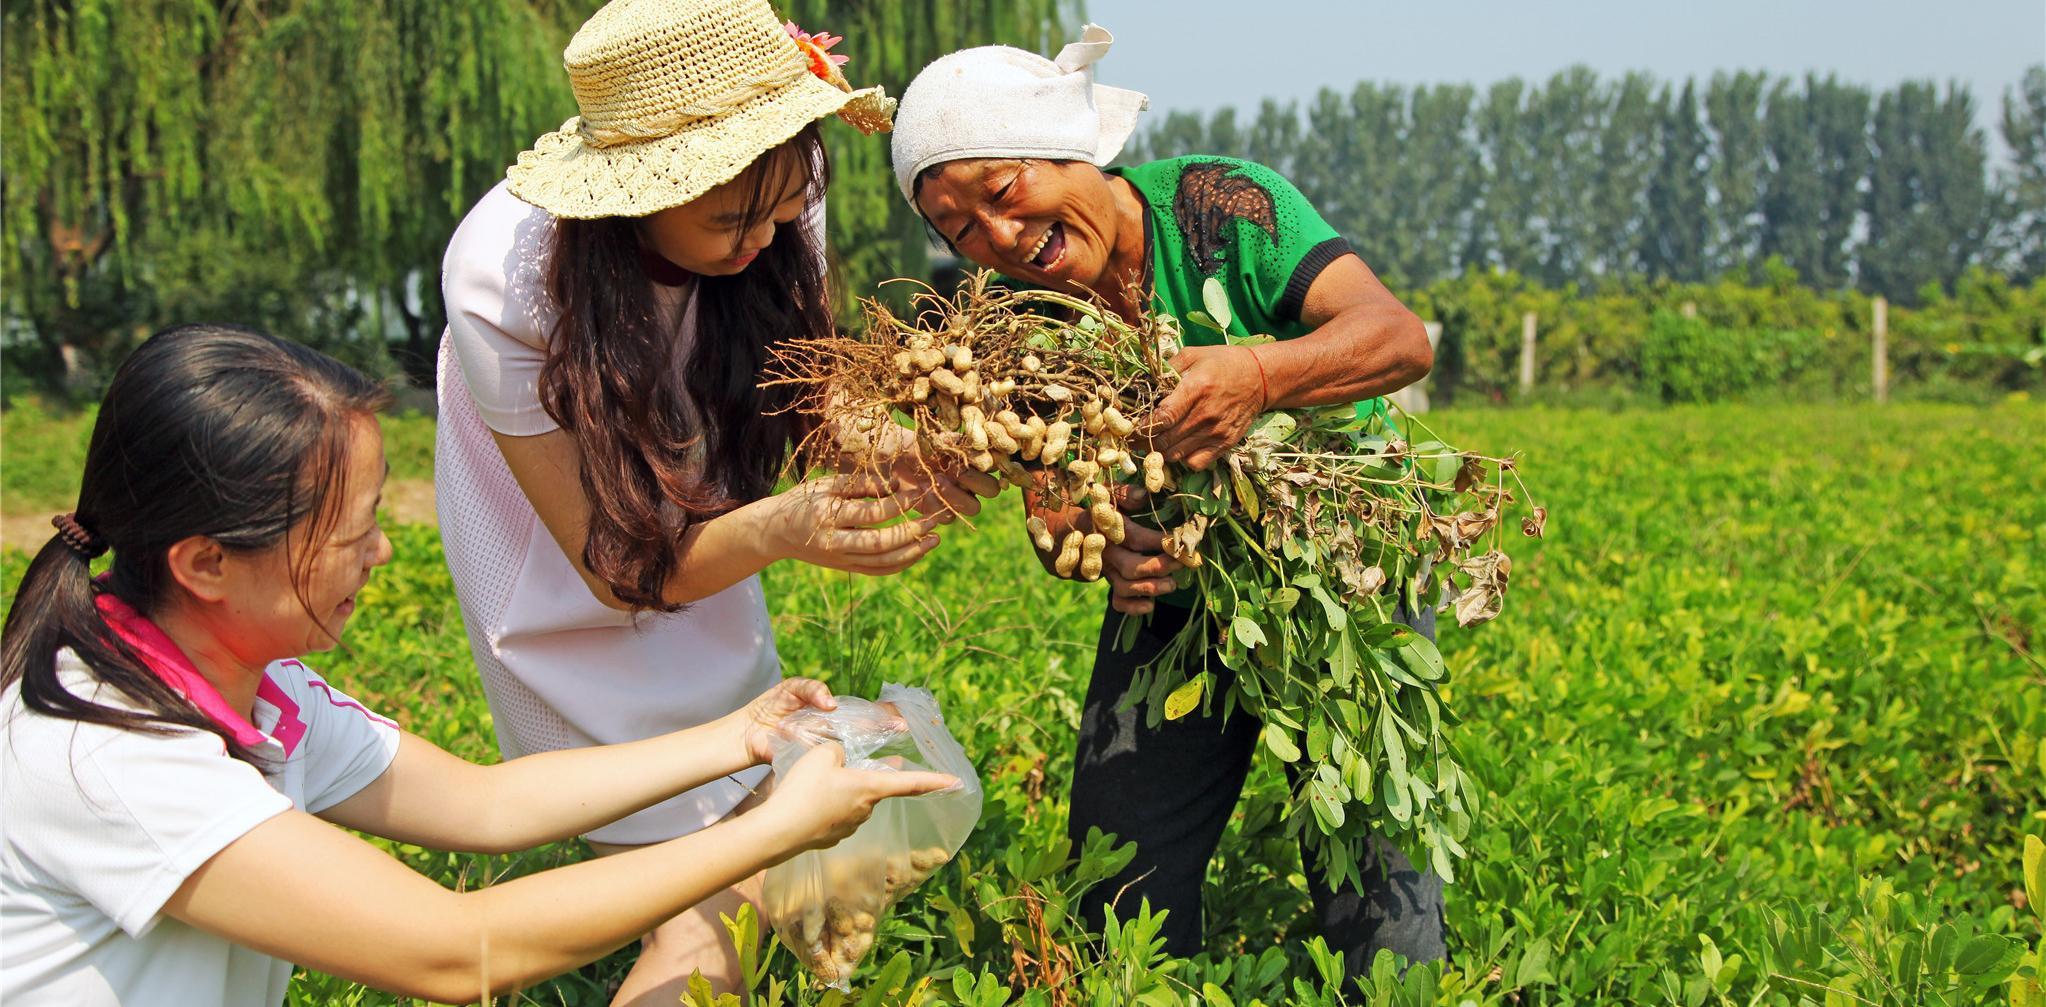 河北晋州周家庄传统果园变身现代观光园图片